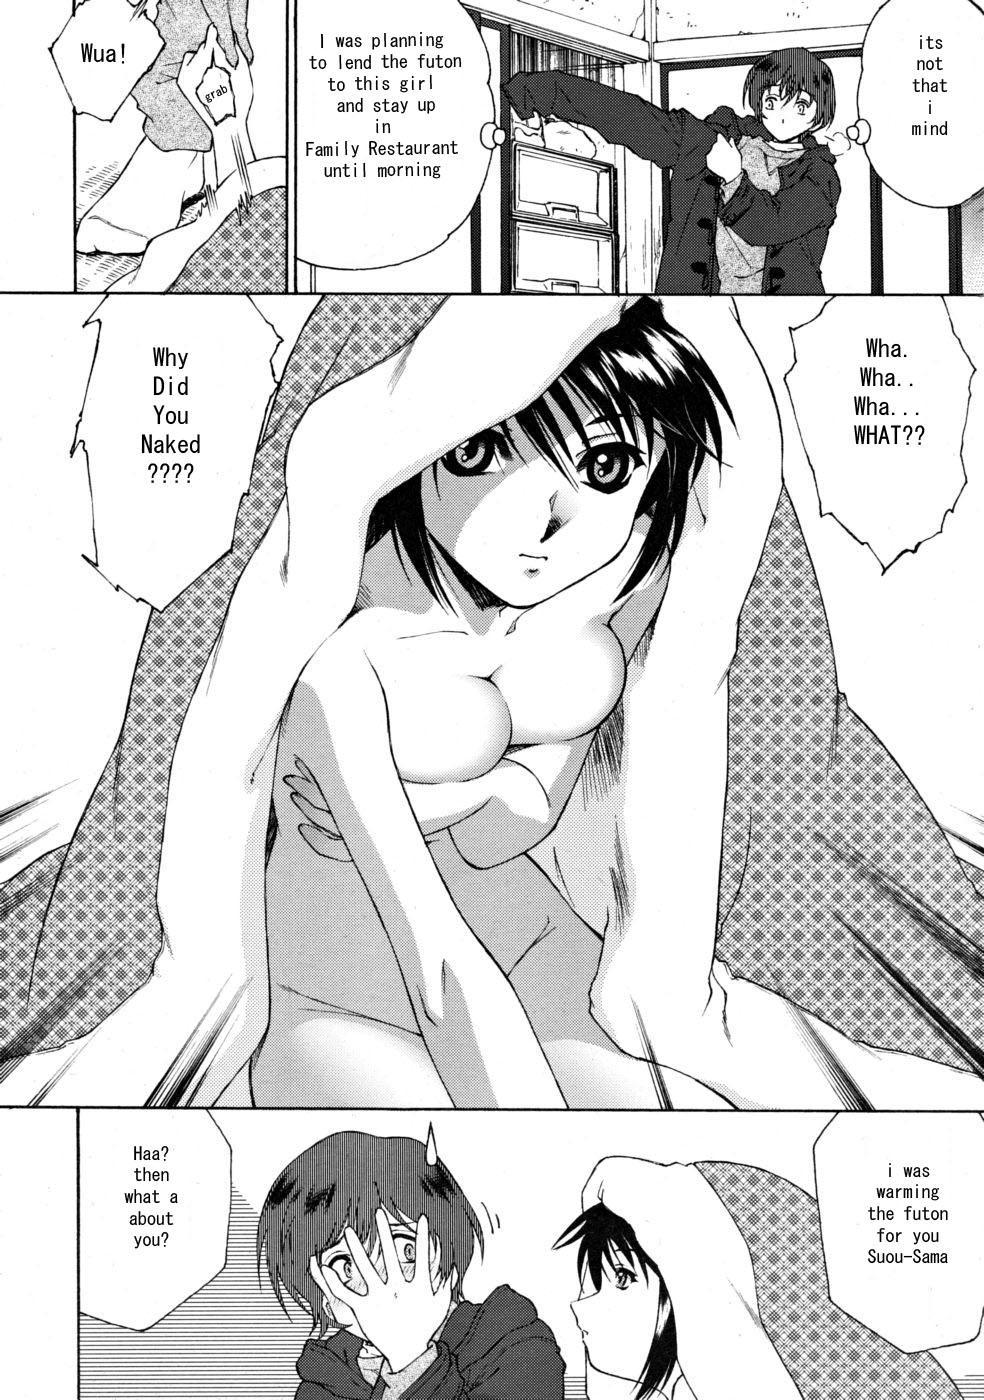 Umashika - FFF Chapter 01 5